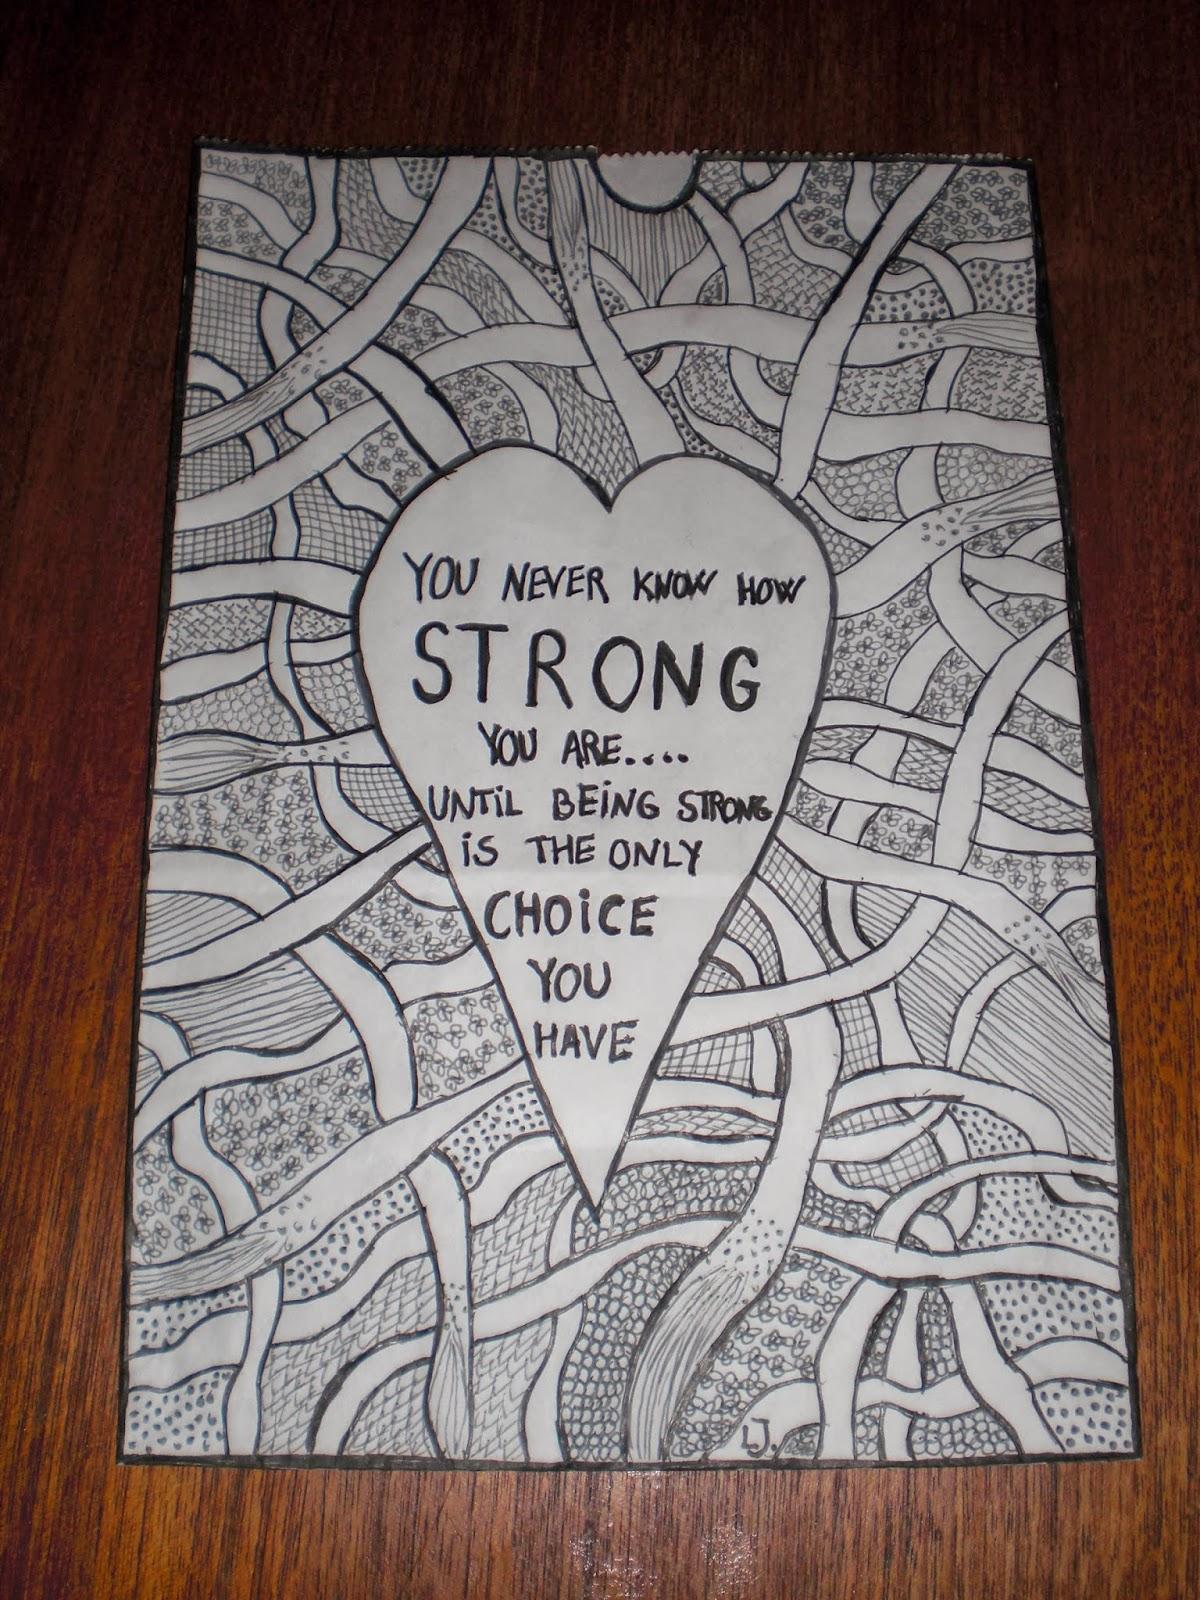 Zentangle kruseduller tegnet på lyspose til Kræftens Bekæmpelse